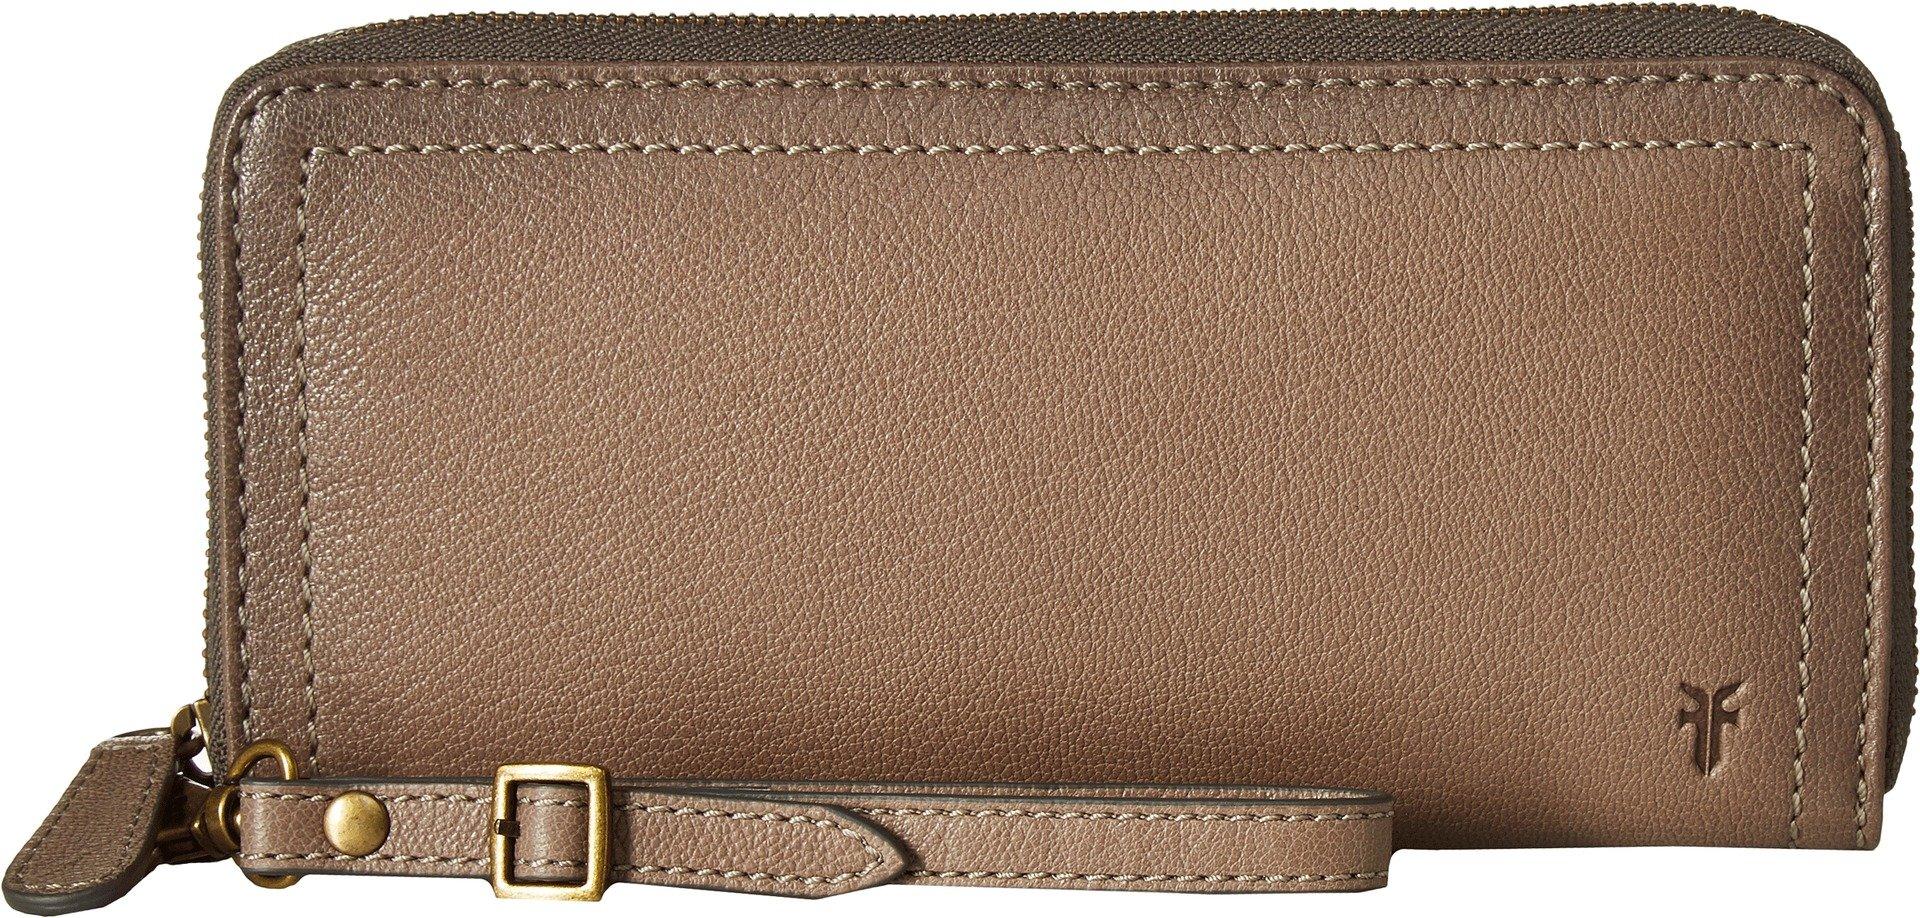 Frye Women's Lily Zip Wallet Charcoal One Size by FRYE